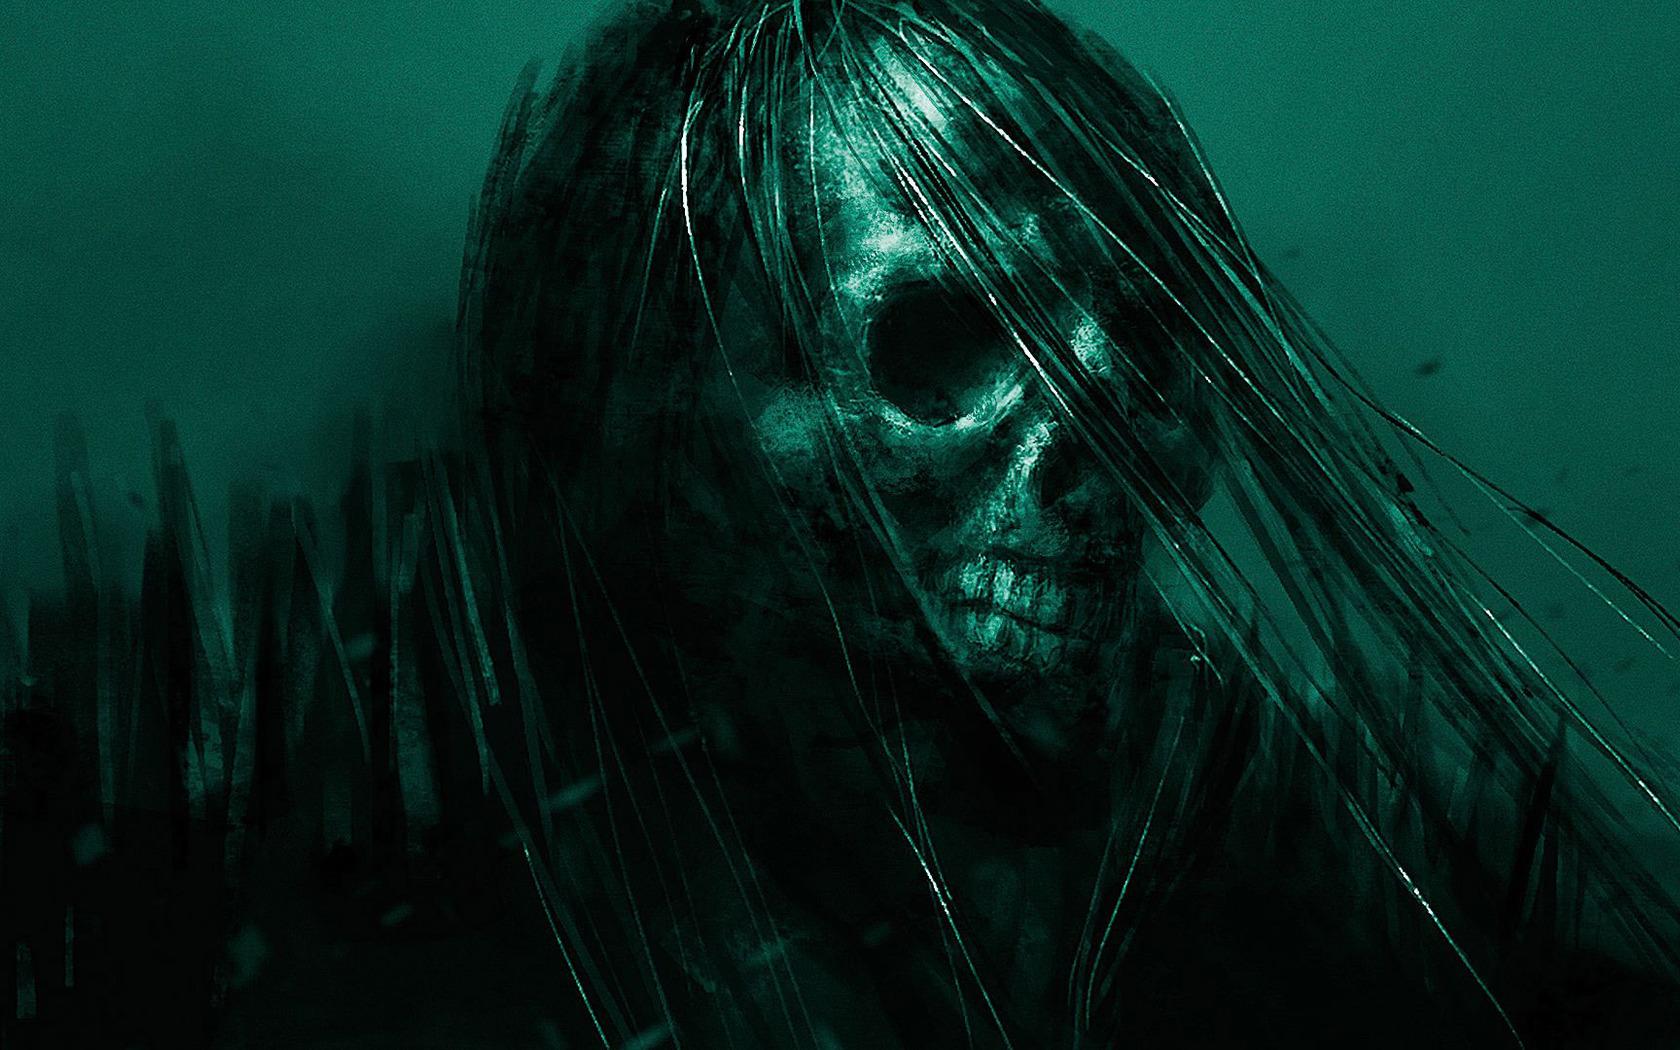 Skull wallpaper 19614 1680x1050